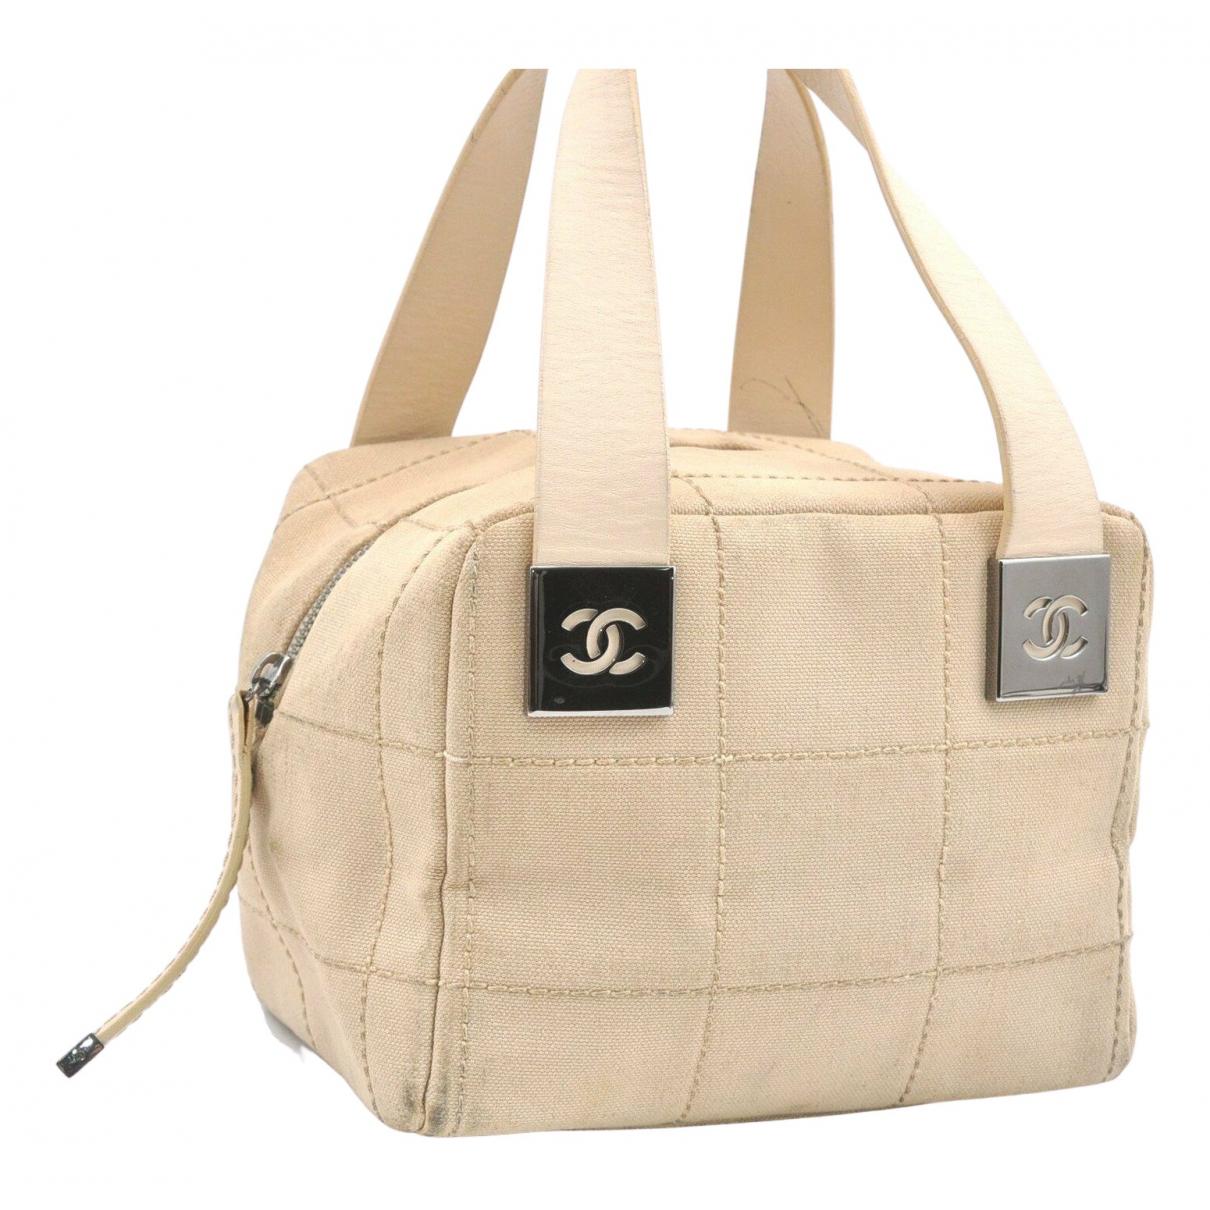 Chanel East West Chocolate Bar Beige Cloth handbag for Women N